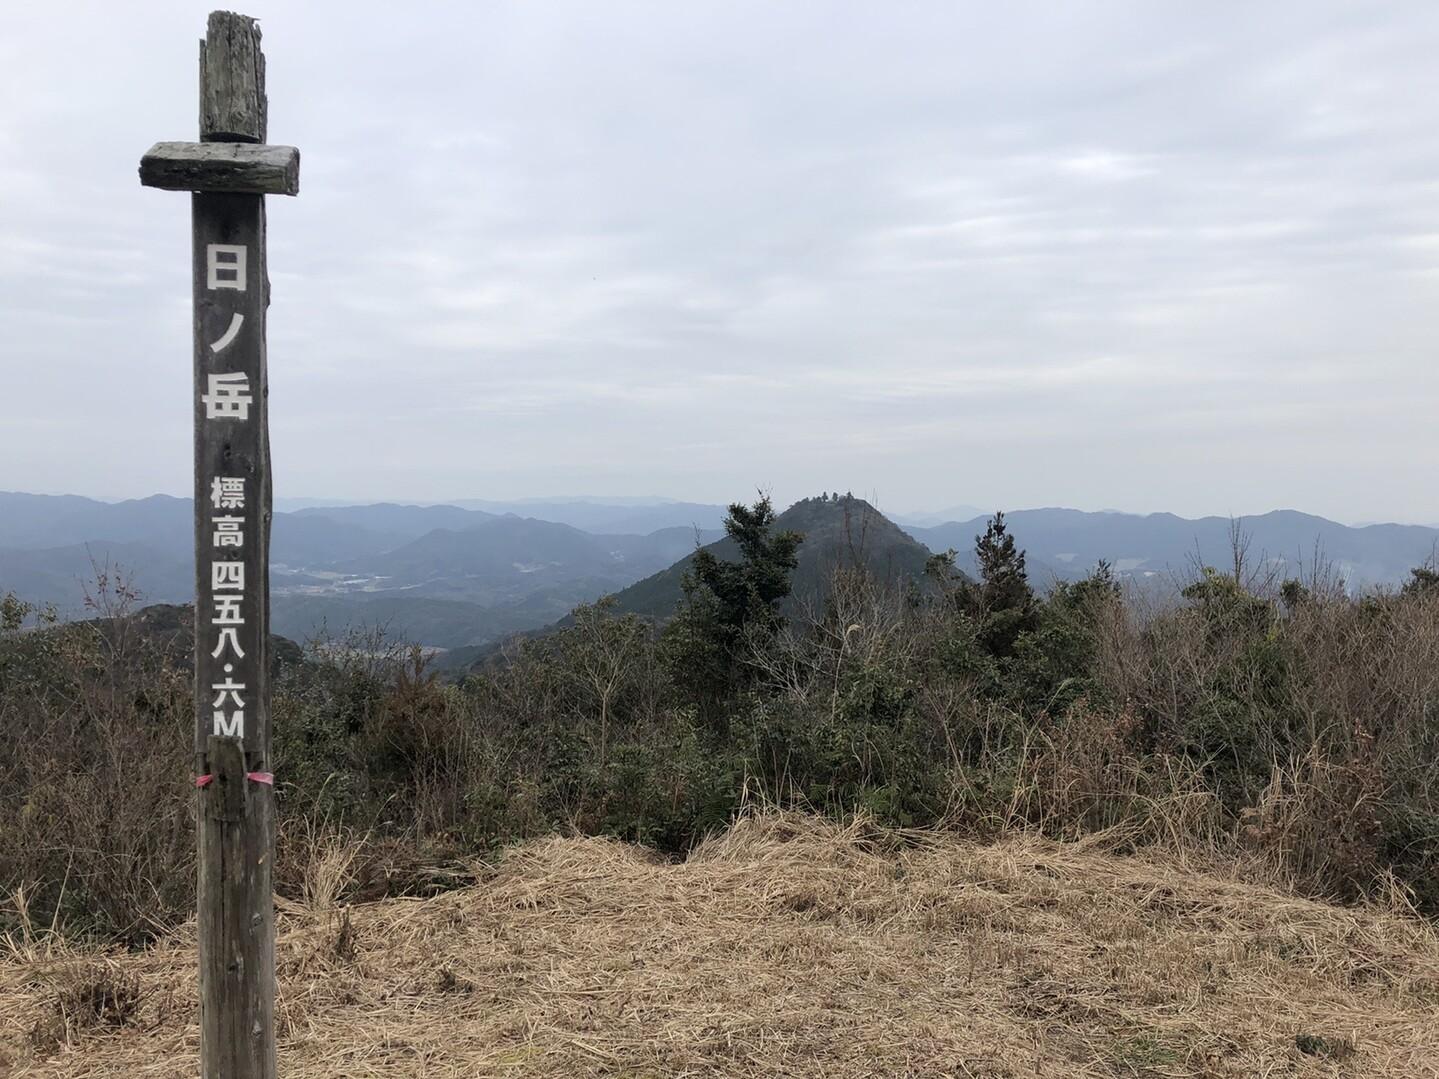 荒滝山・日ノ岳(宇部市) / Tsuonさんの荒滝山・日ノ岳の活動データ ...